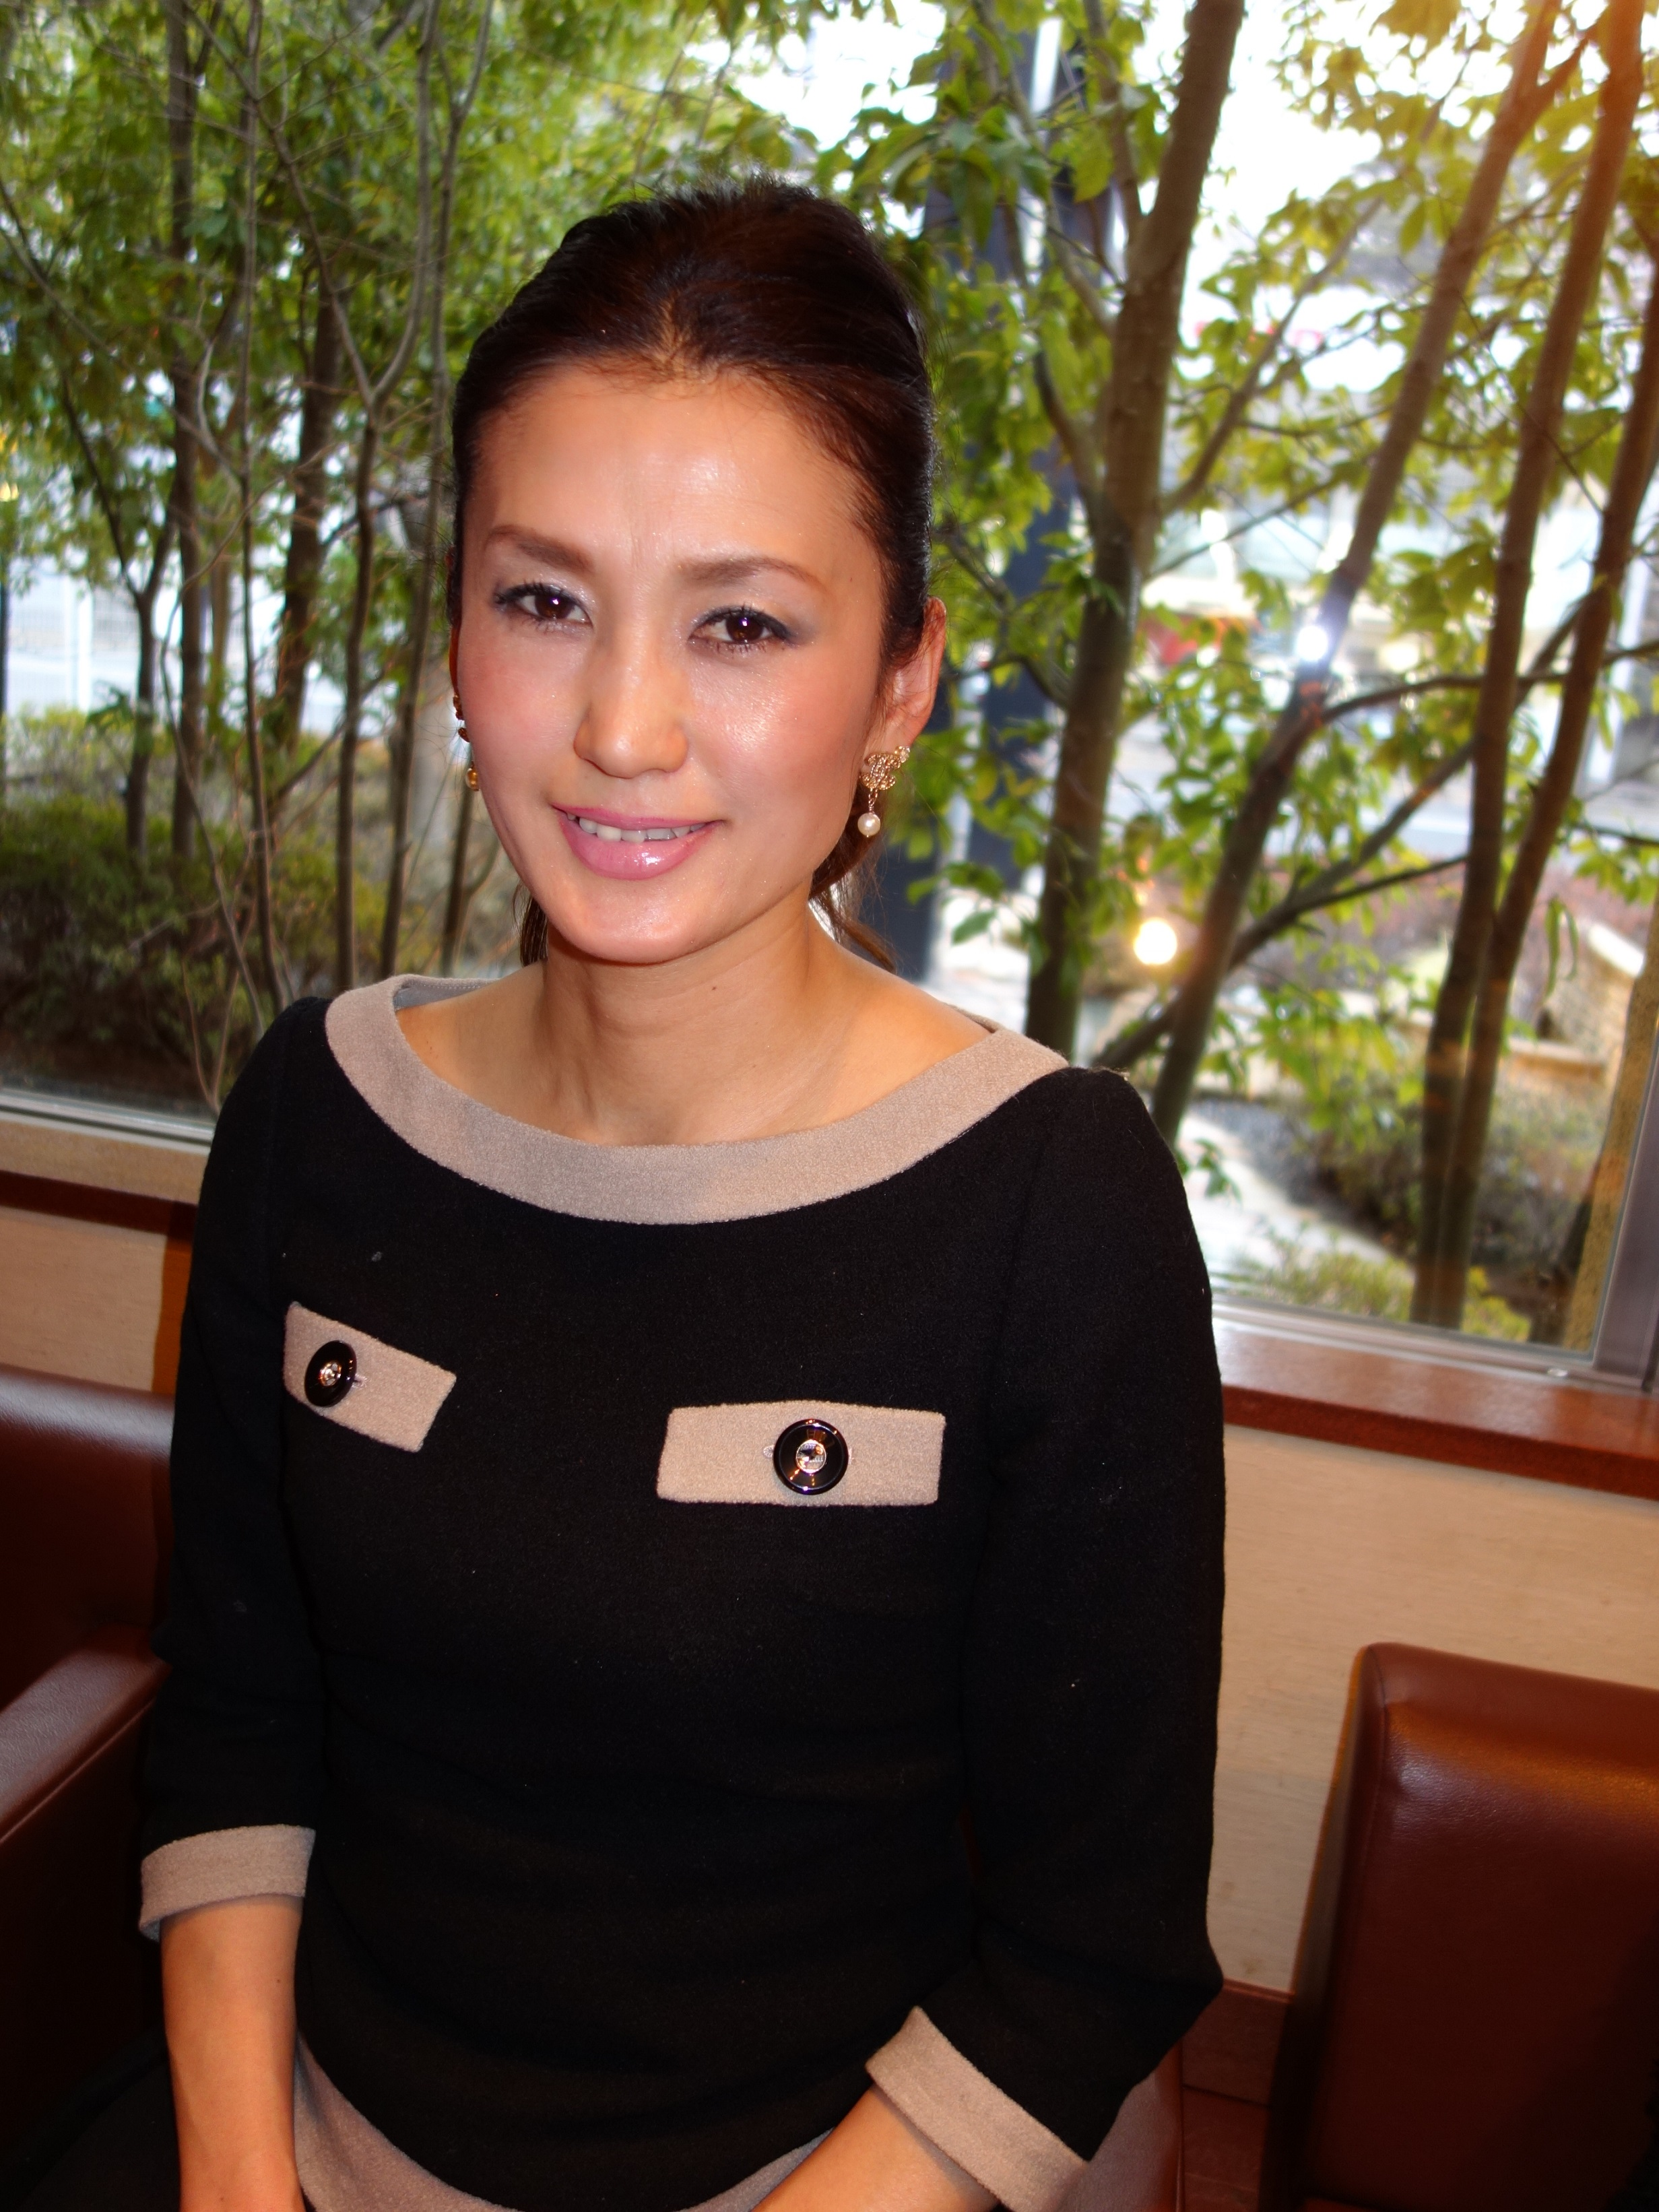 斉藤芳恵 実は、名付け親なんです! | おしゃれ手帖 〜好きなモノに囲まれて〜